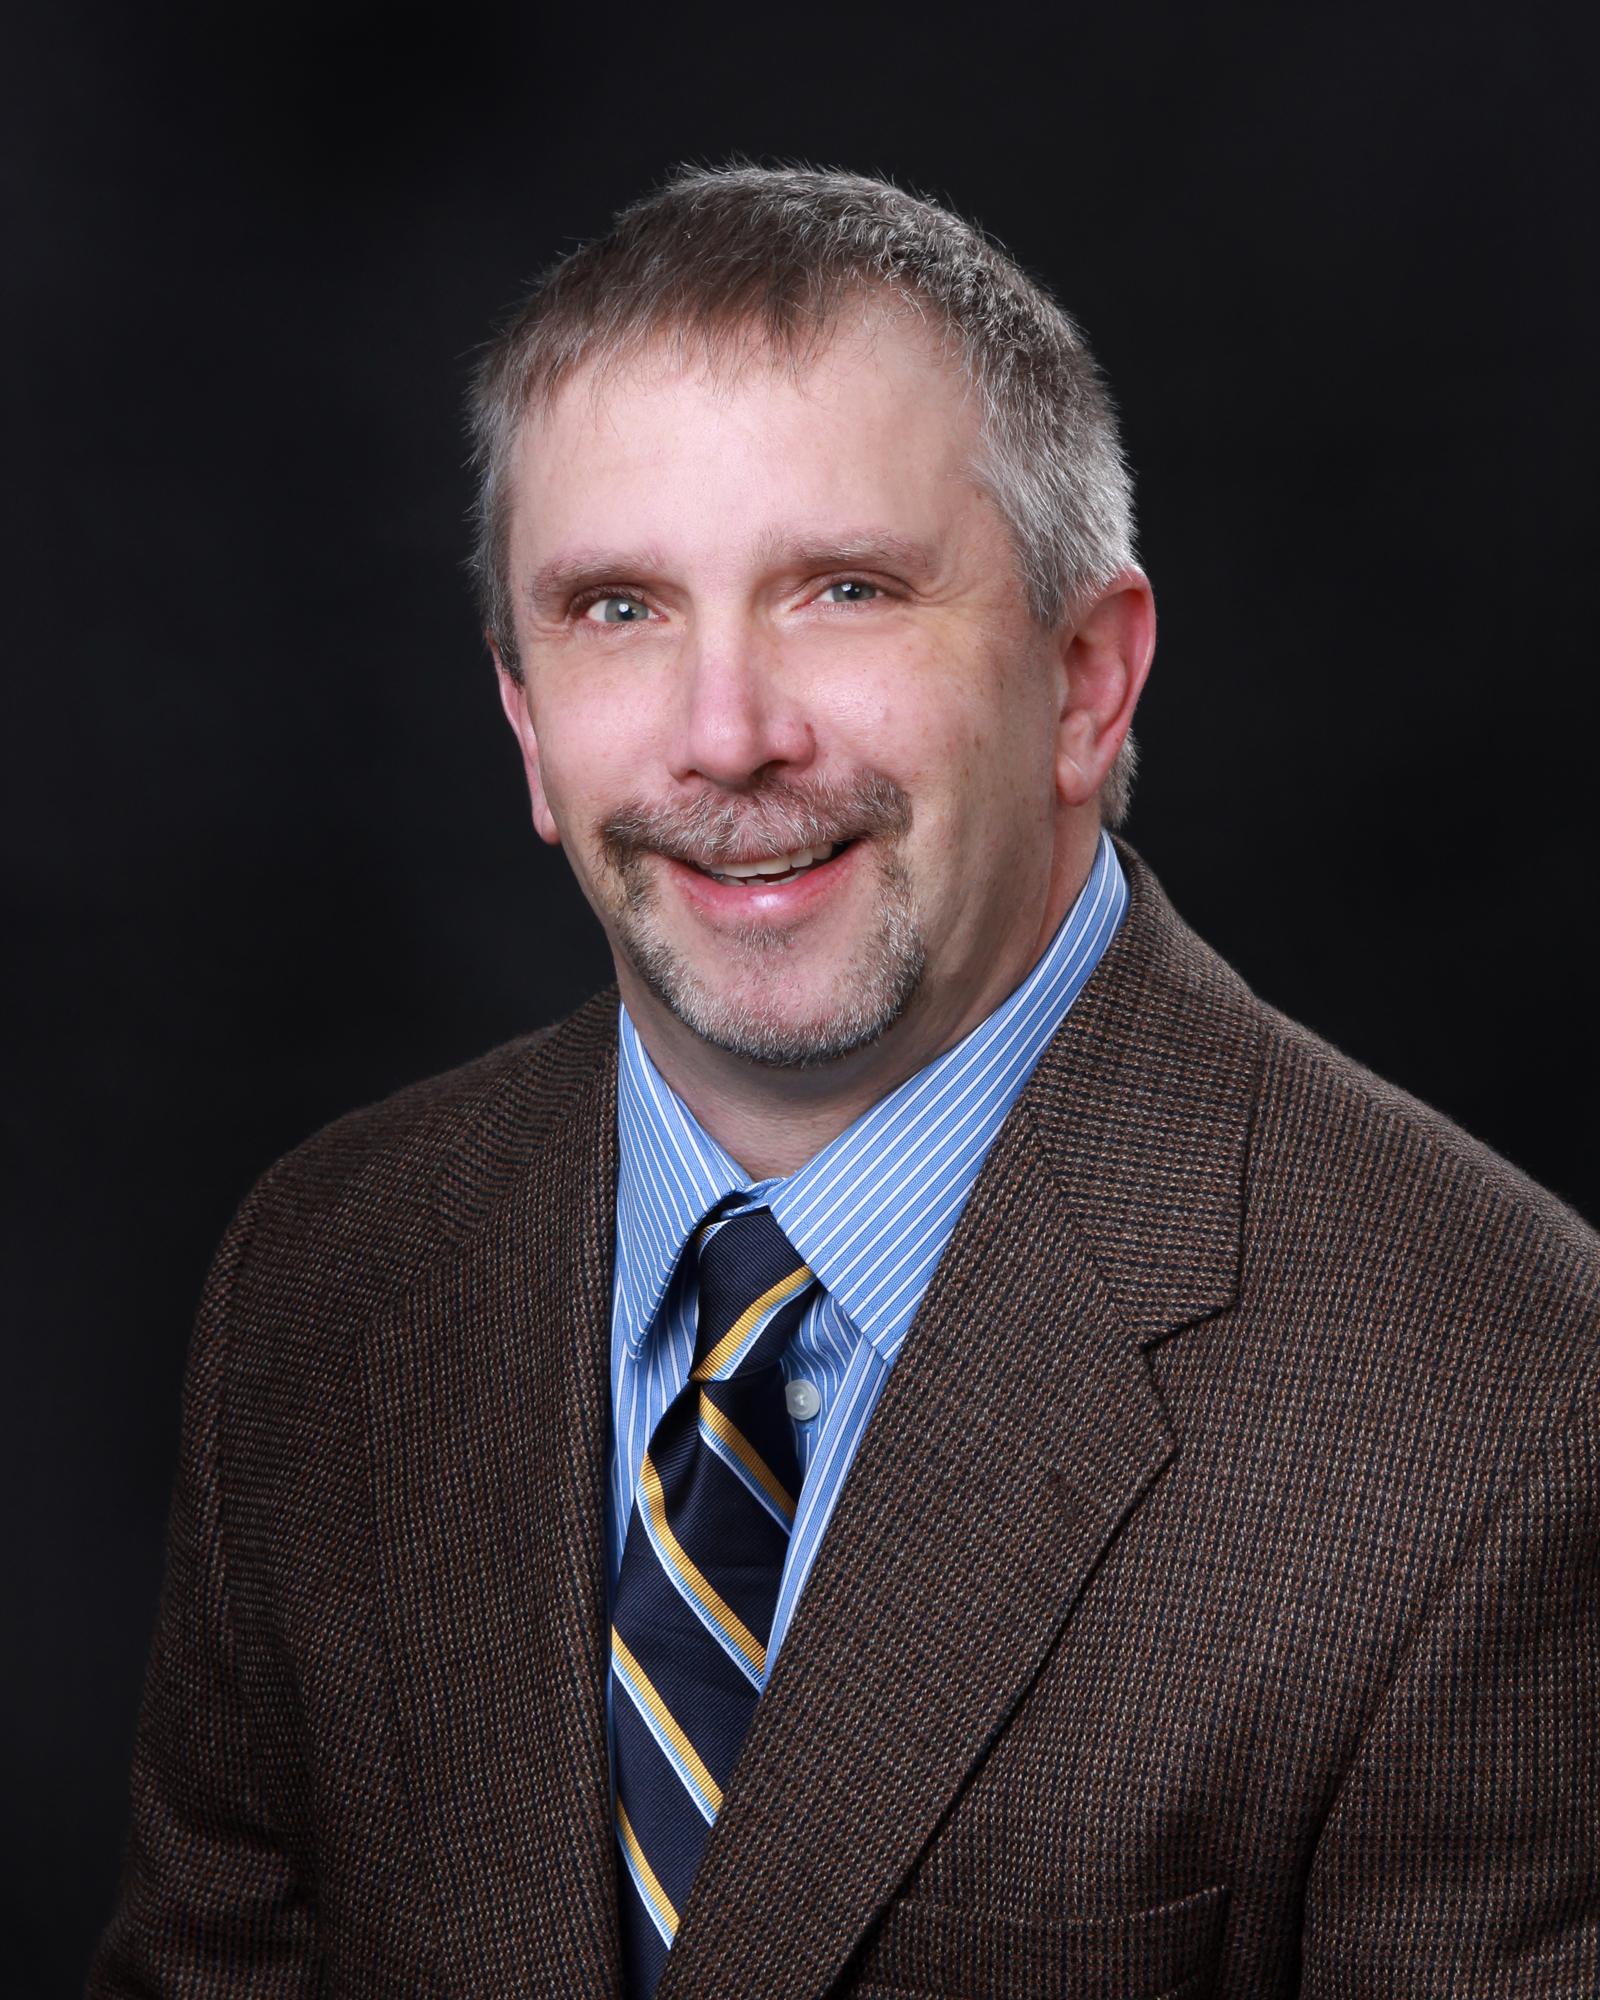 Scott Kohl